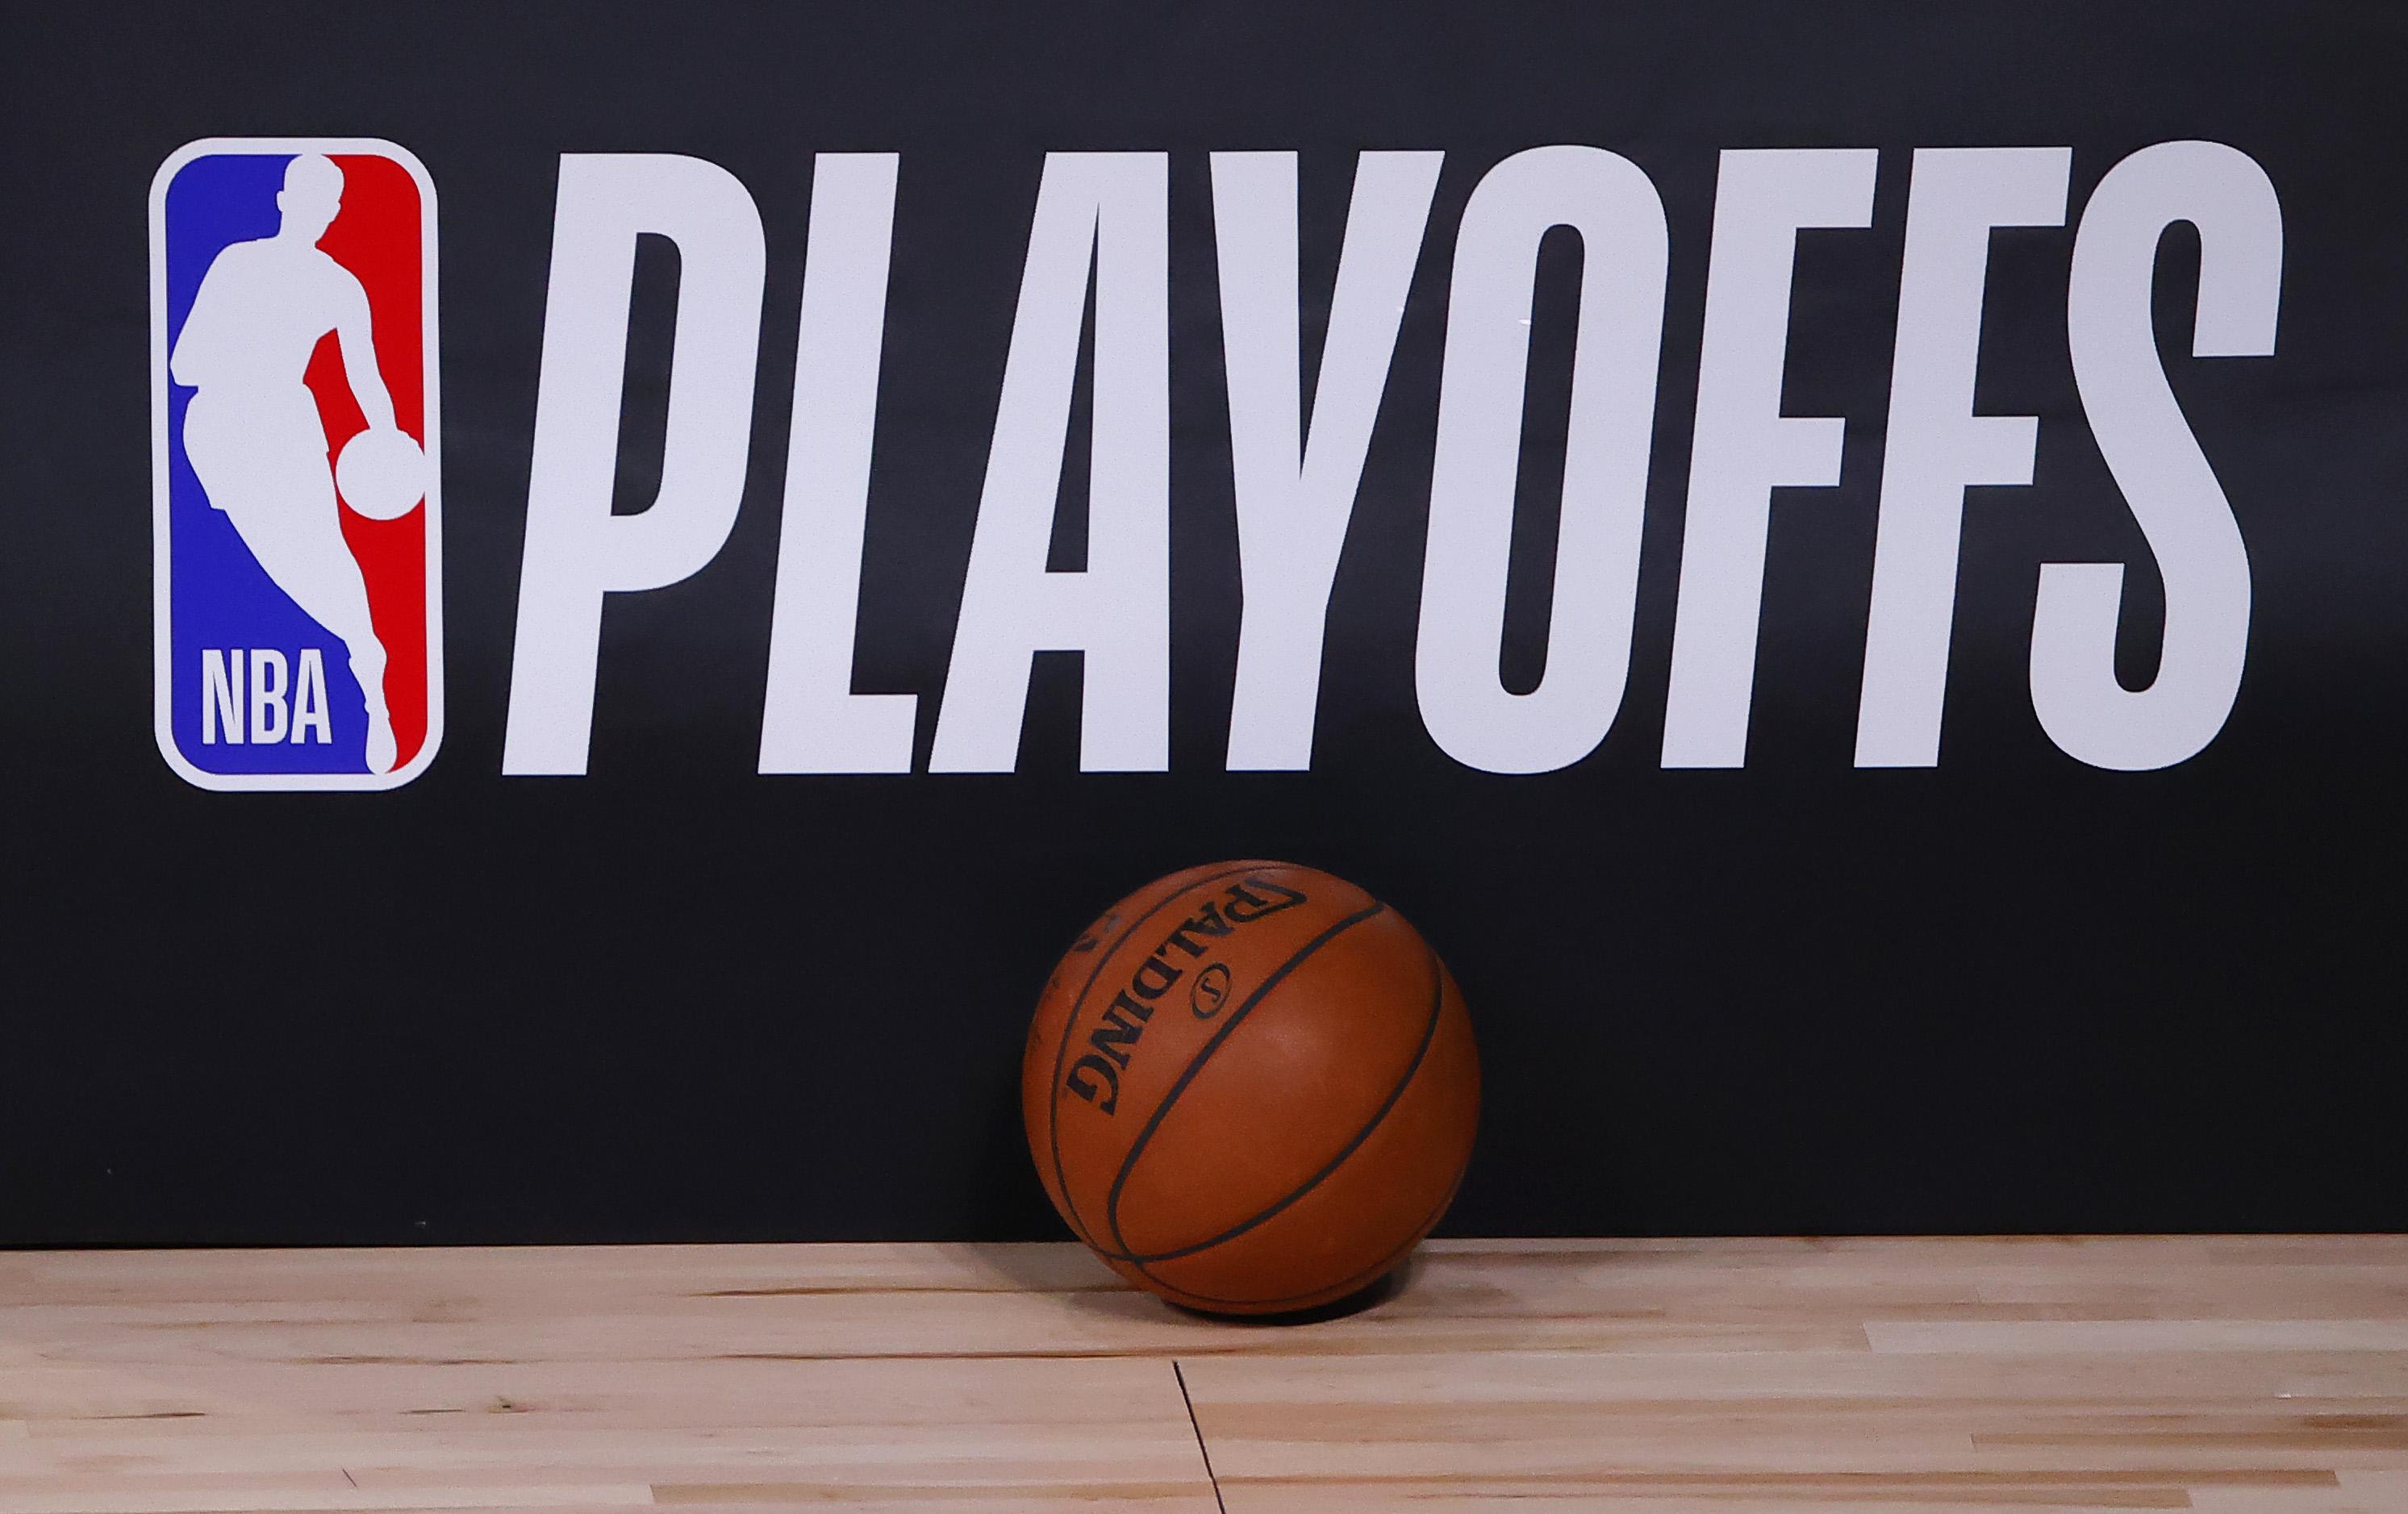 A basketball sits next to an NBA Playoffs logo